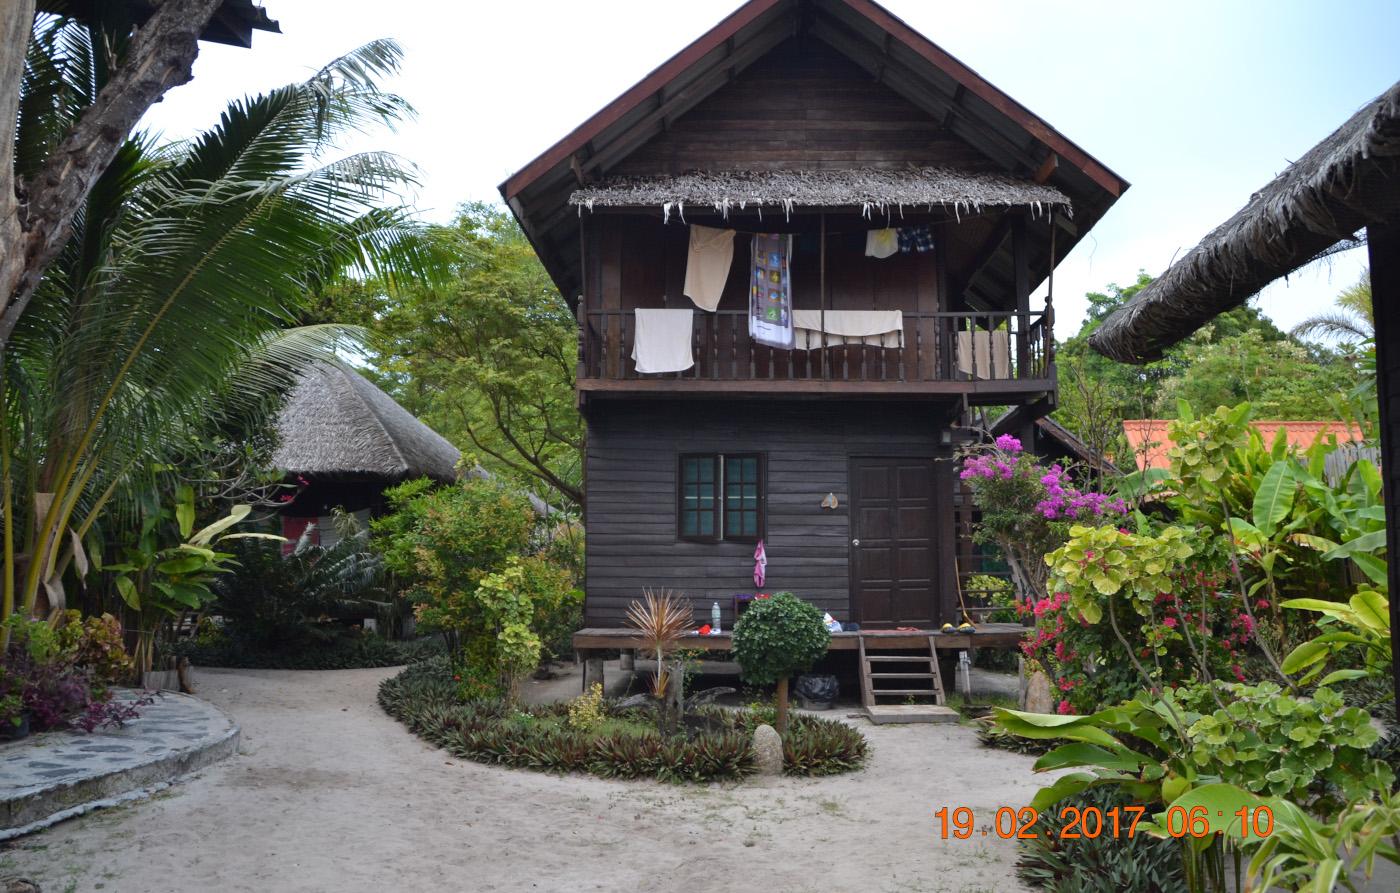 Фото 15. Домик в эко-отеле «Blue Tribes» на острове Ко Липе. Где найти жилье при отдыхе самостоятельно в Таиланде. 1/125, 5.6, 360, 55.